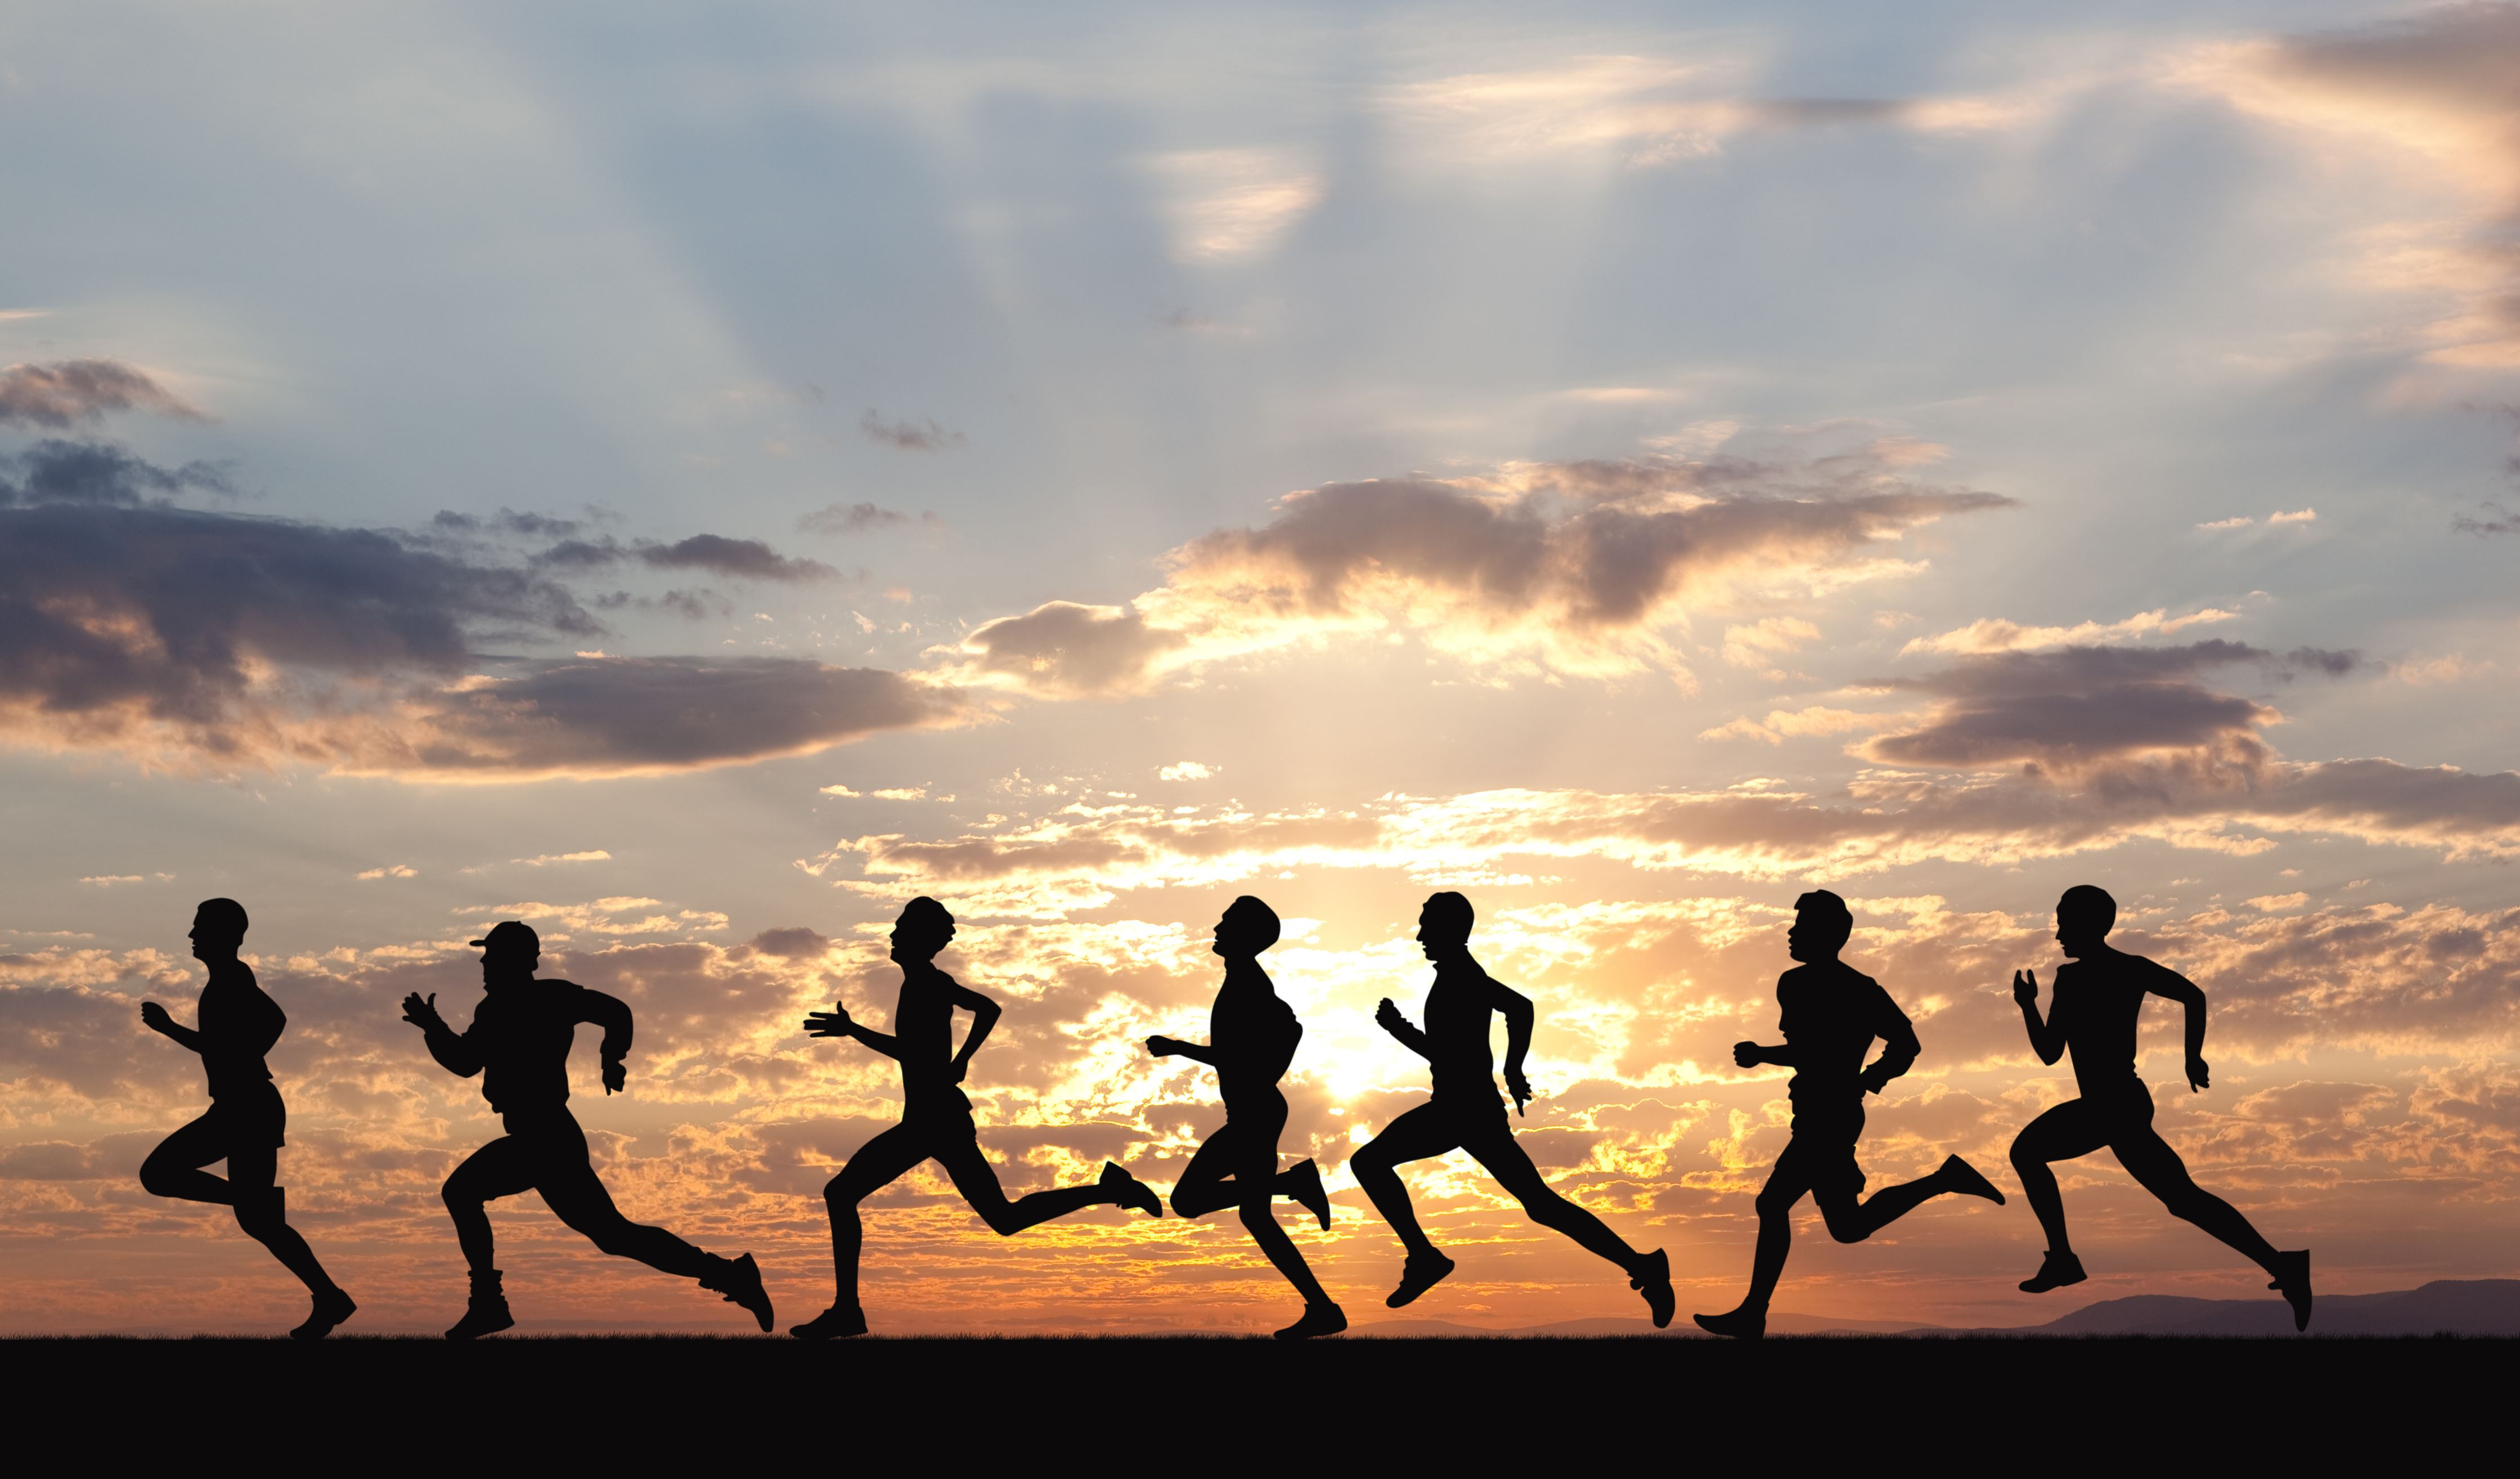 【Q&A】足腰を鍛えるのに走りこもうと思っていますが、正しいですか?